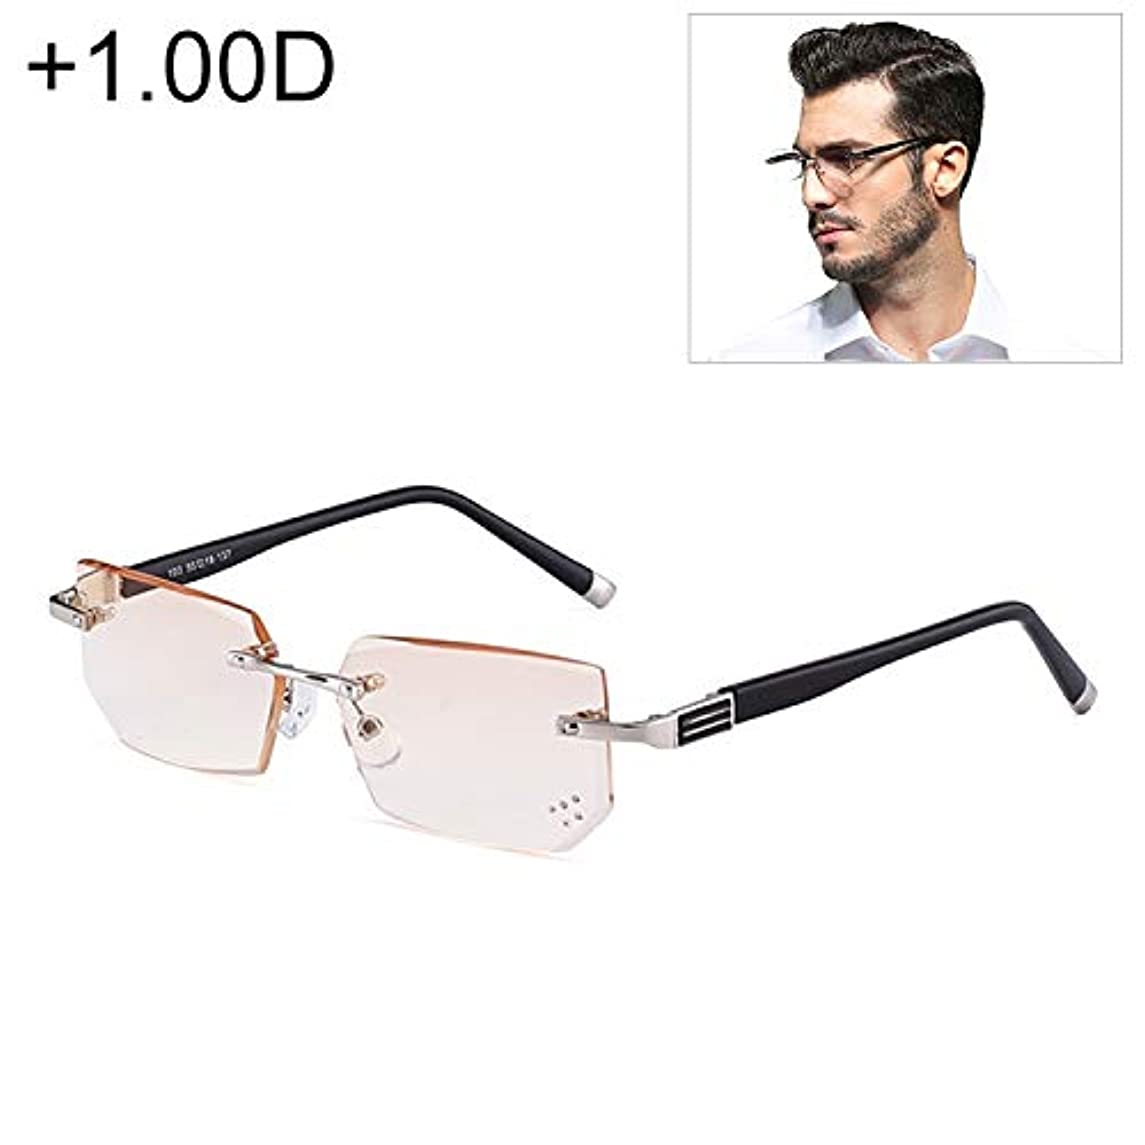 ベアリングロッカーあいまいさDiffomatealliance Glasses メガネファクトリーメンズアンチ疲労&ブルーレイリムレスラインストーントリミングされた老眼鏡、+ 1.00 D